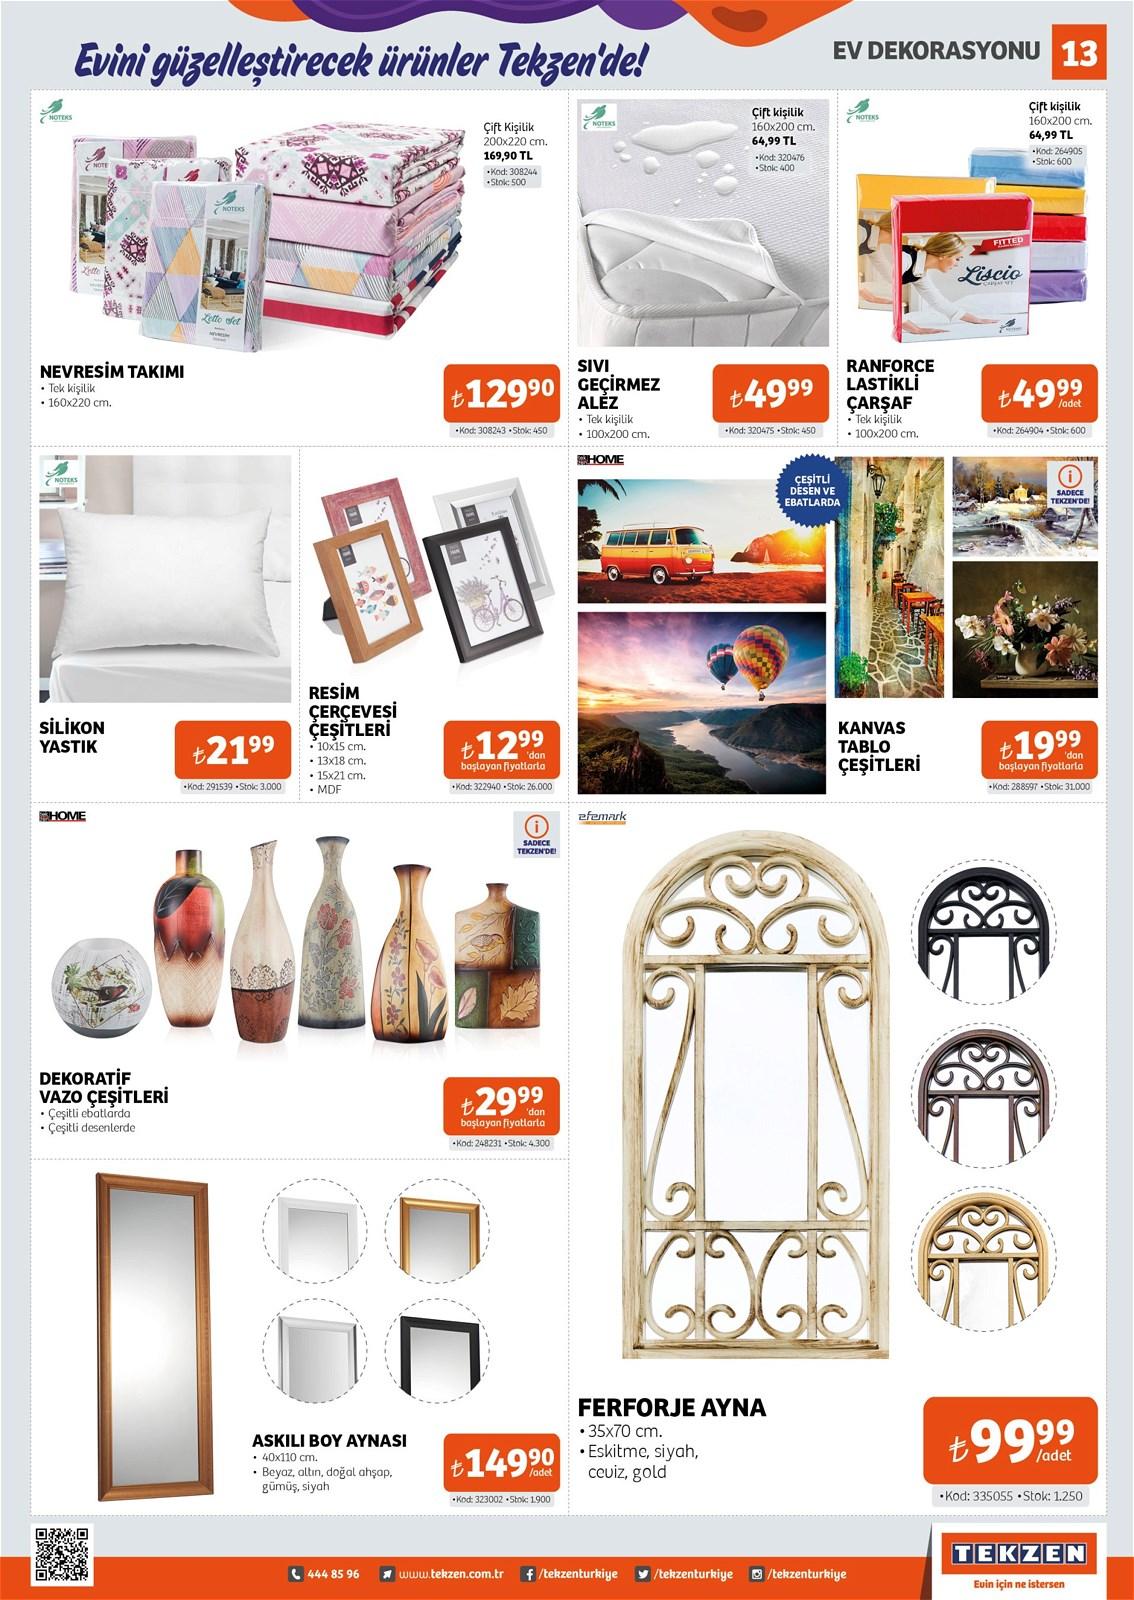 04.06.2021 Tekzen broşürü 13. sayfa